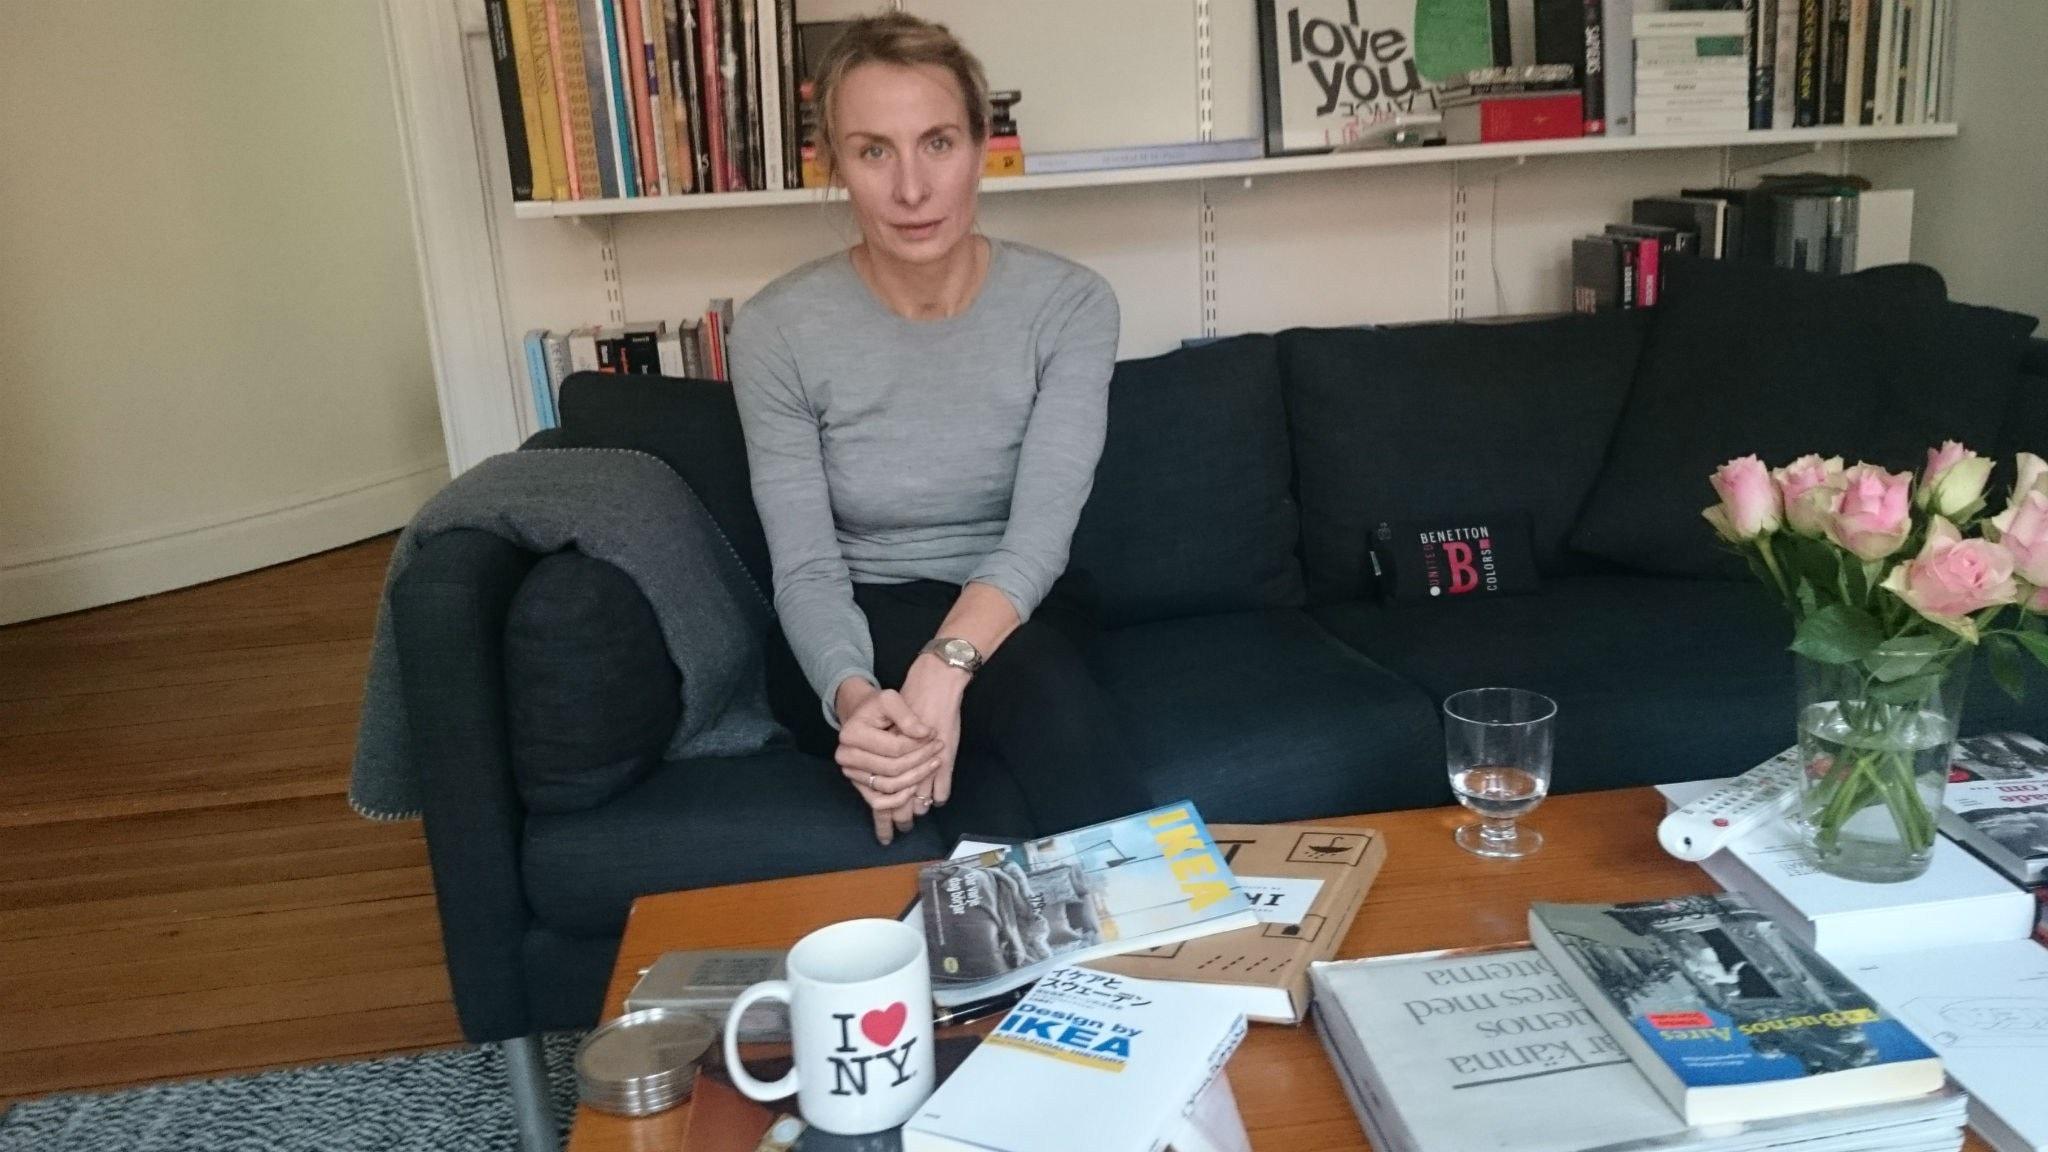 als ikea schwedisch wurde radio schweden sveriges radio. Black Bedroom Furniture Sets. Home Design Ideas